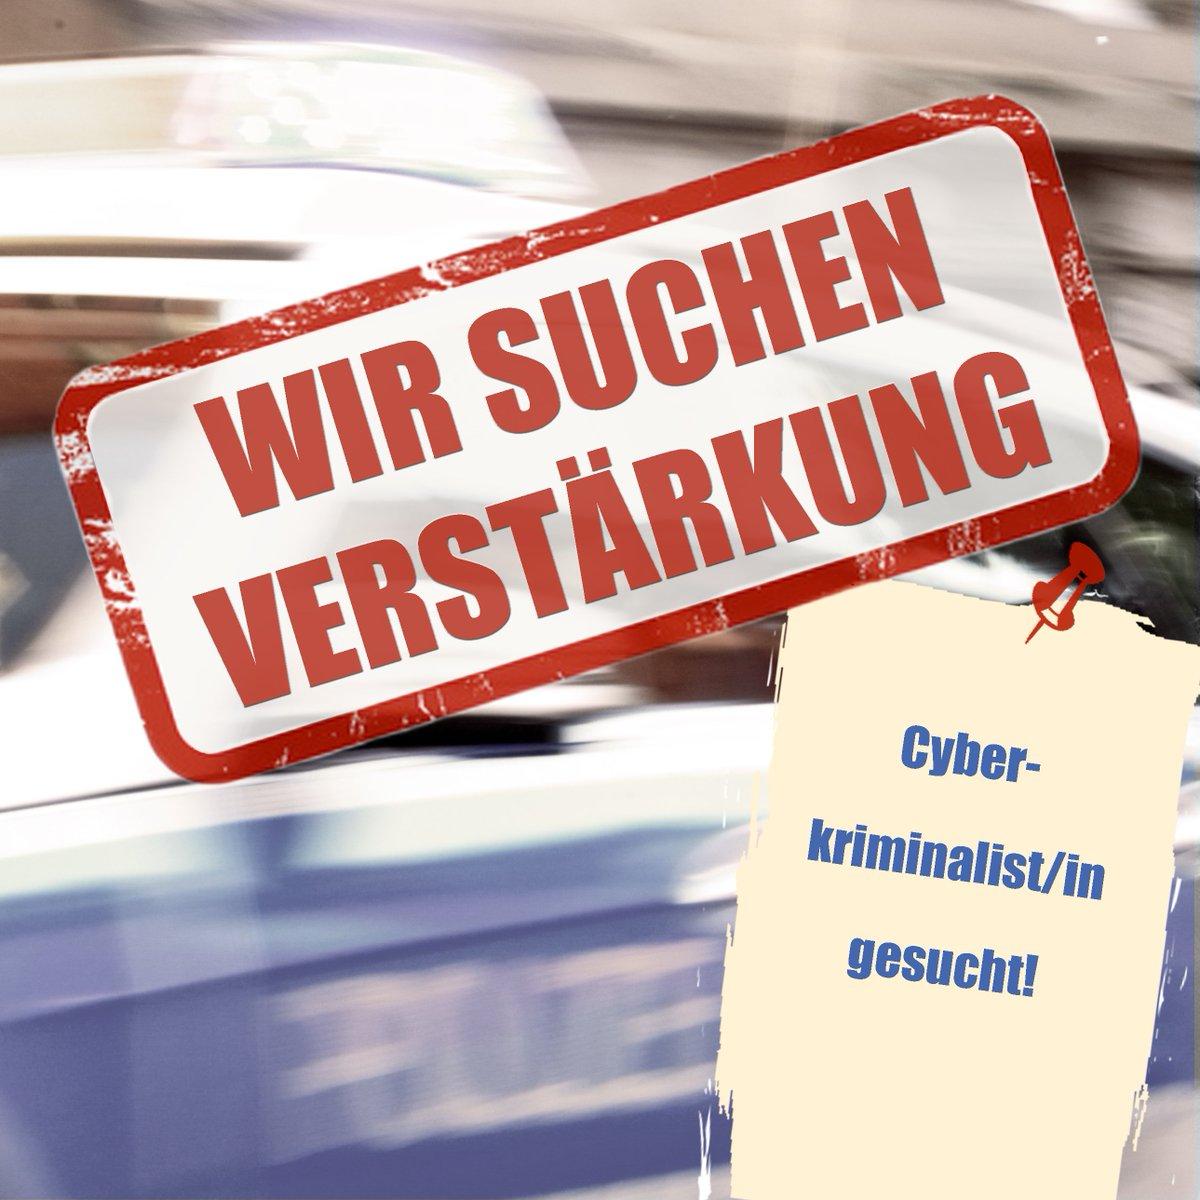 polizei stuttgart on twitter cyberkriminalisten gesucht jetzt bewerben httpstcoofkmscbgen - Polizei Bewerbung Bw